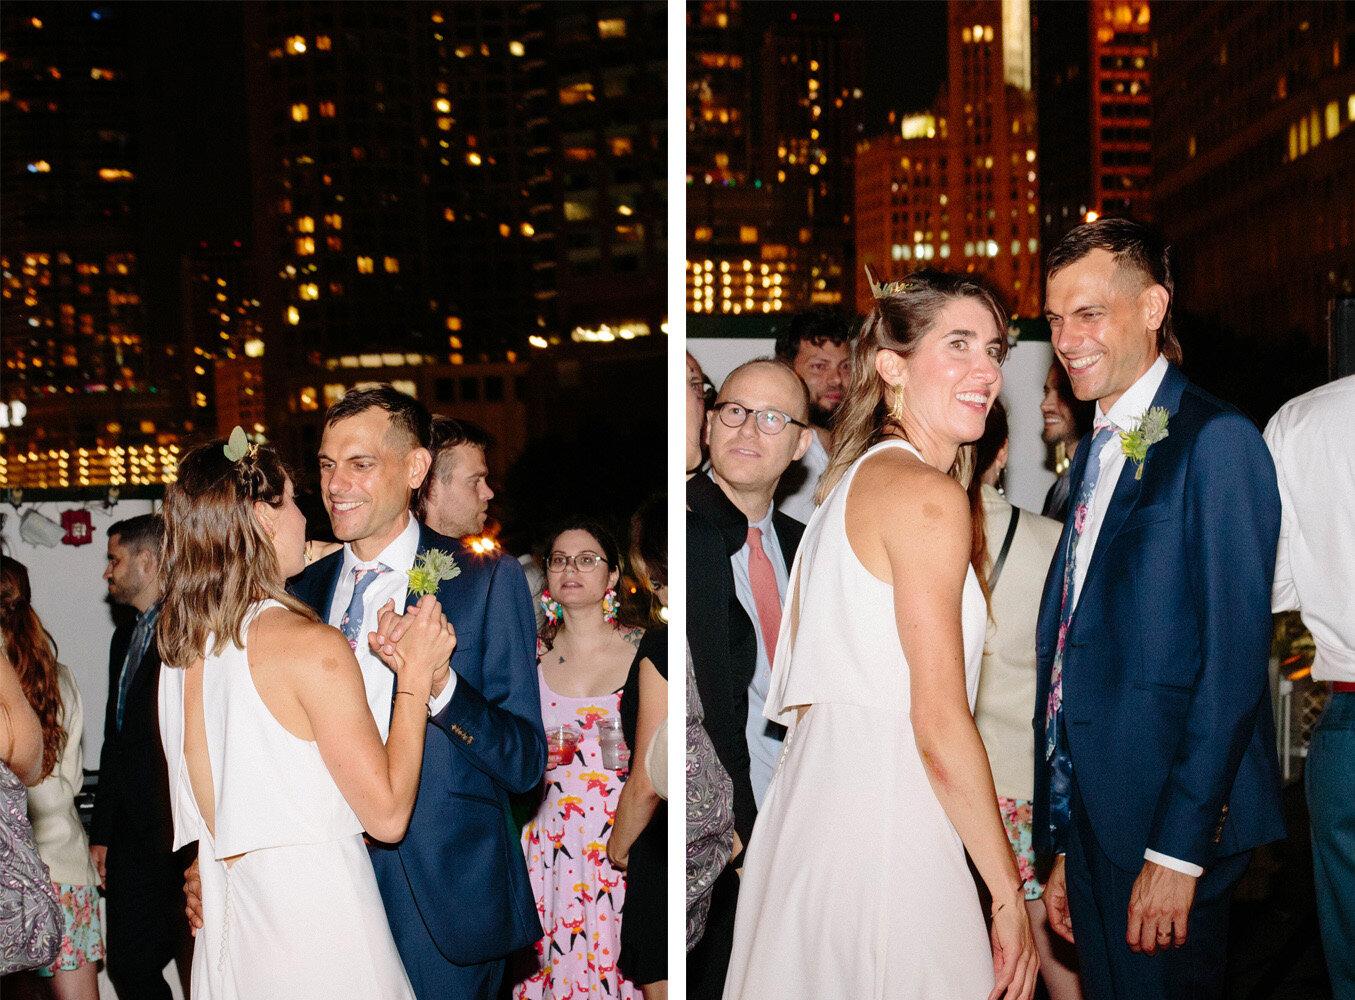 bride-and-groom-smiling-dancing-diptych.jpg